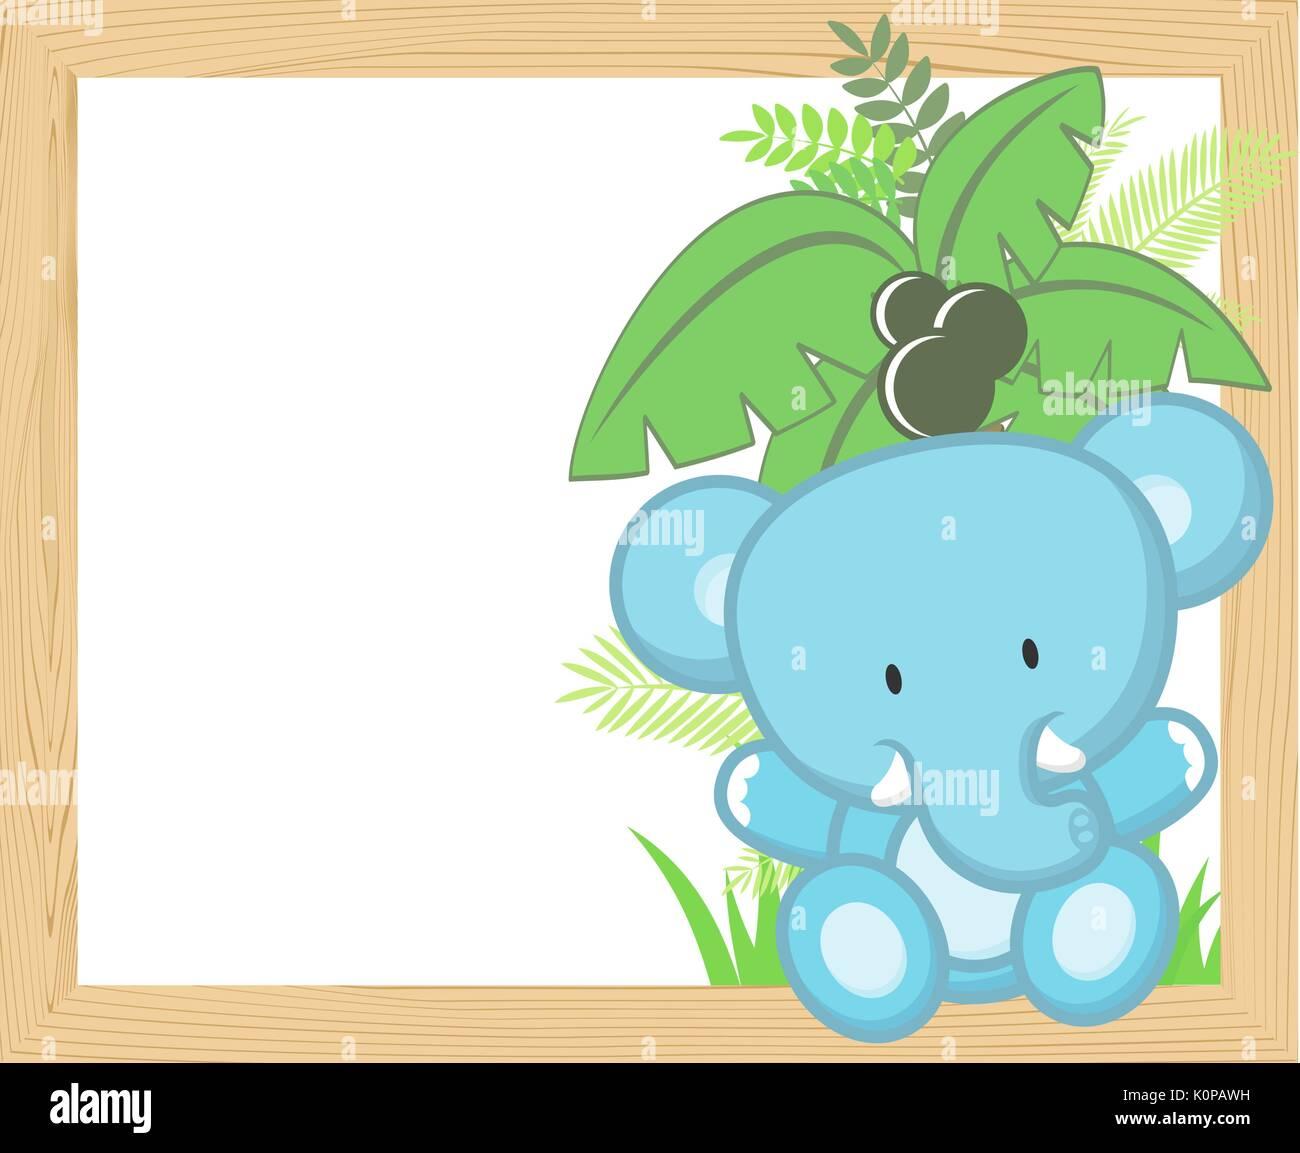 Cute Baby Elefant Mit Tropischen Blattern Und Palme Auf Leere Holz